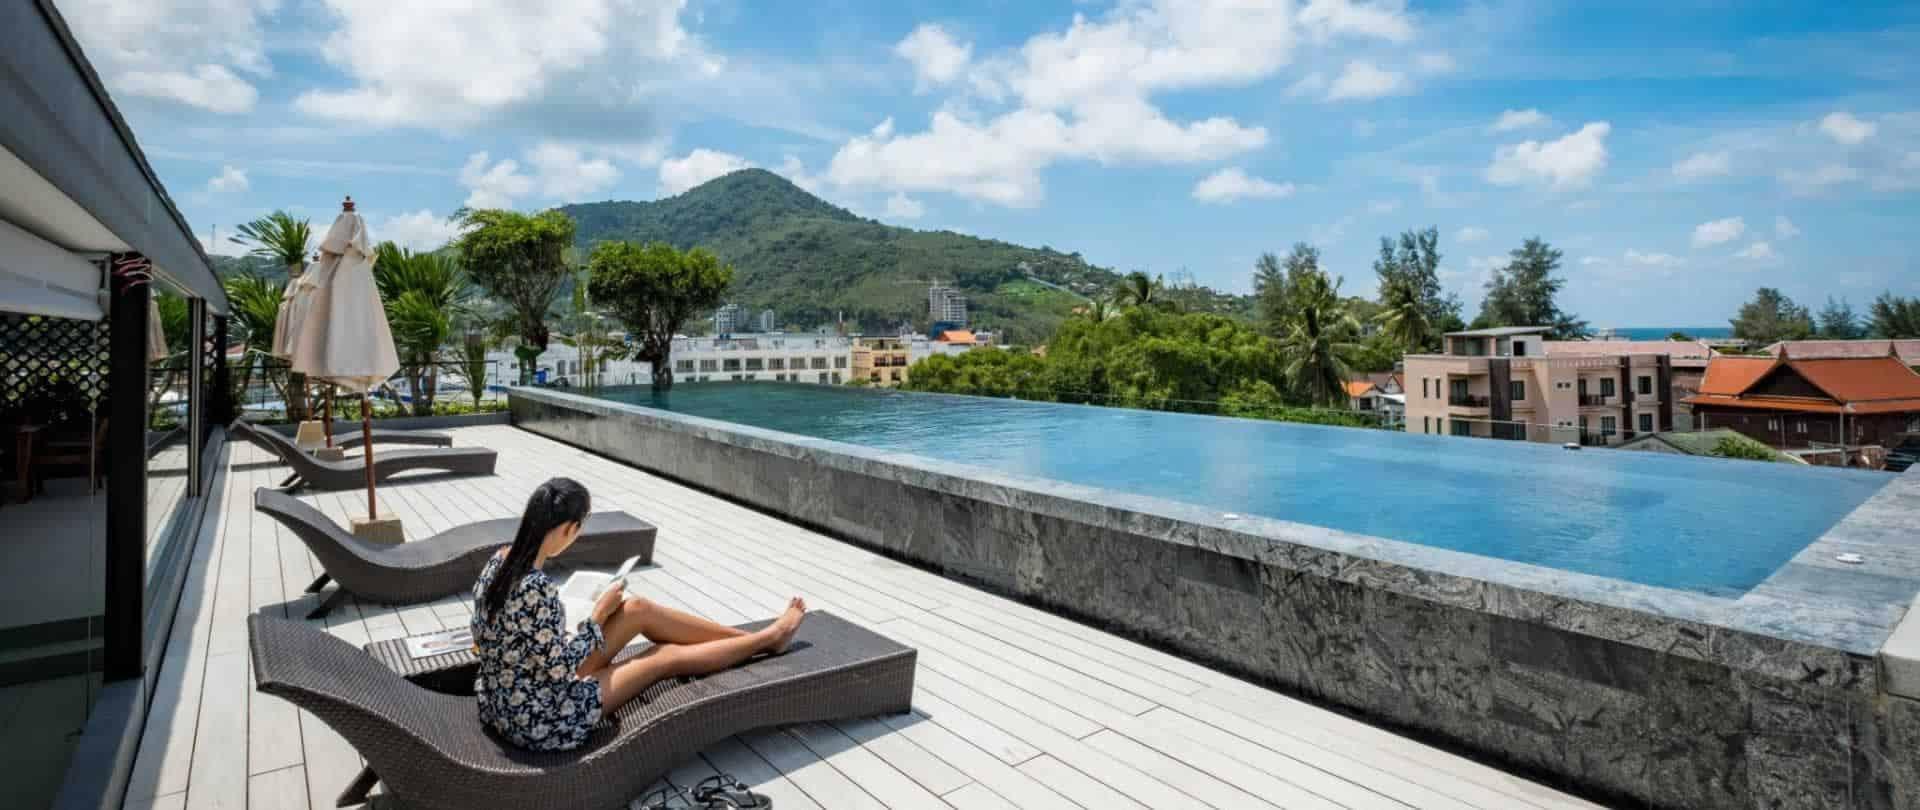 Phuket Hotels - Kamala Resotel